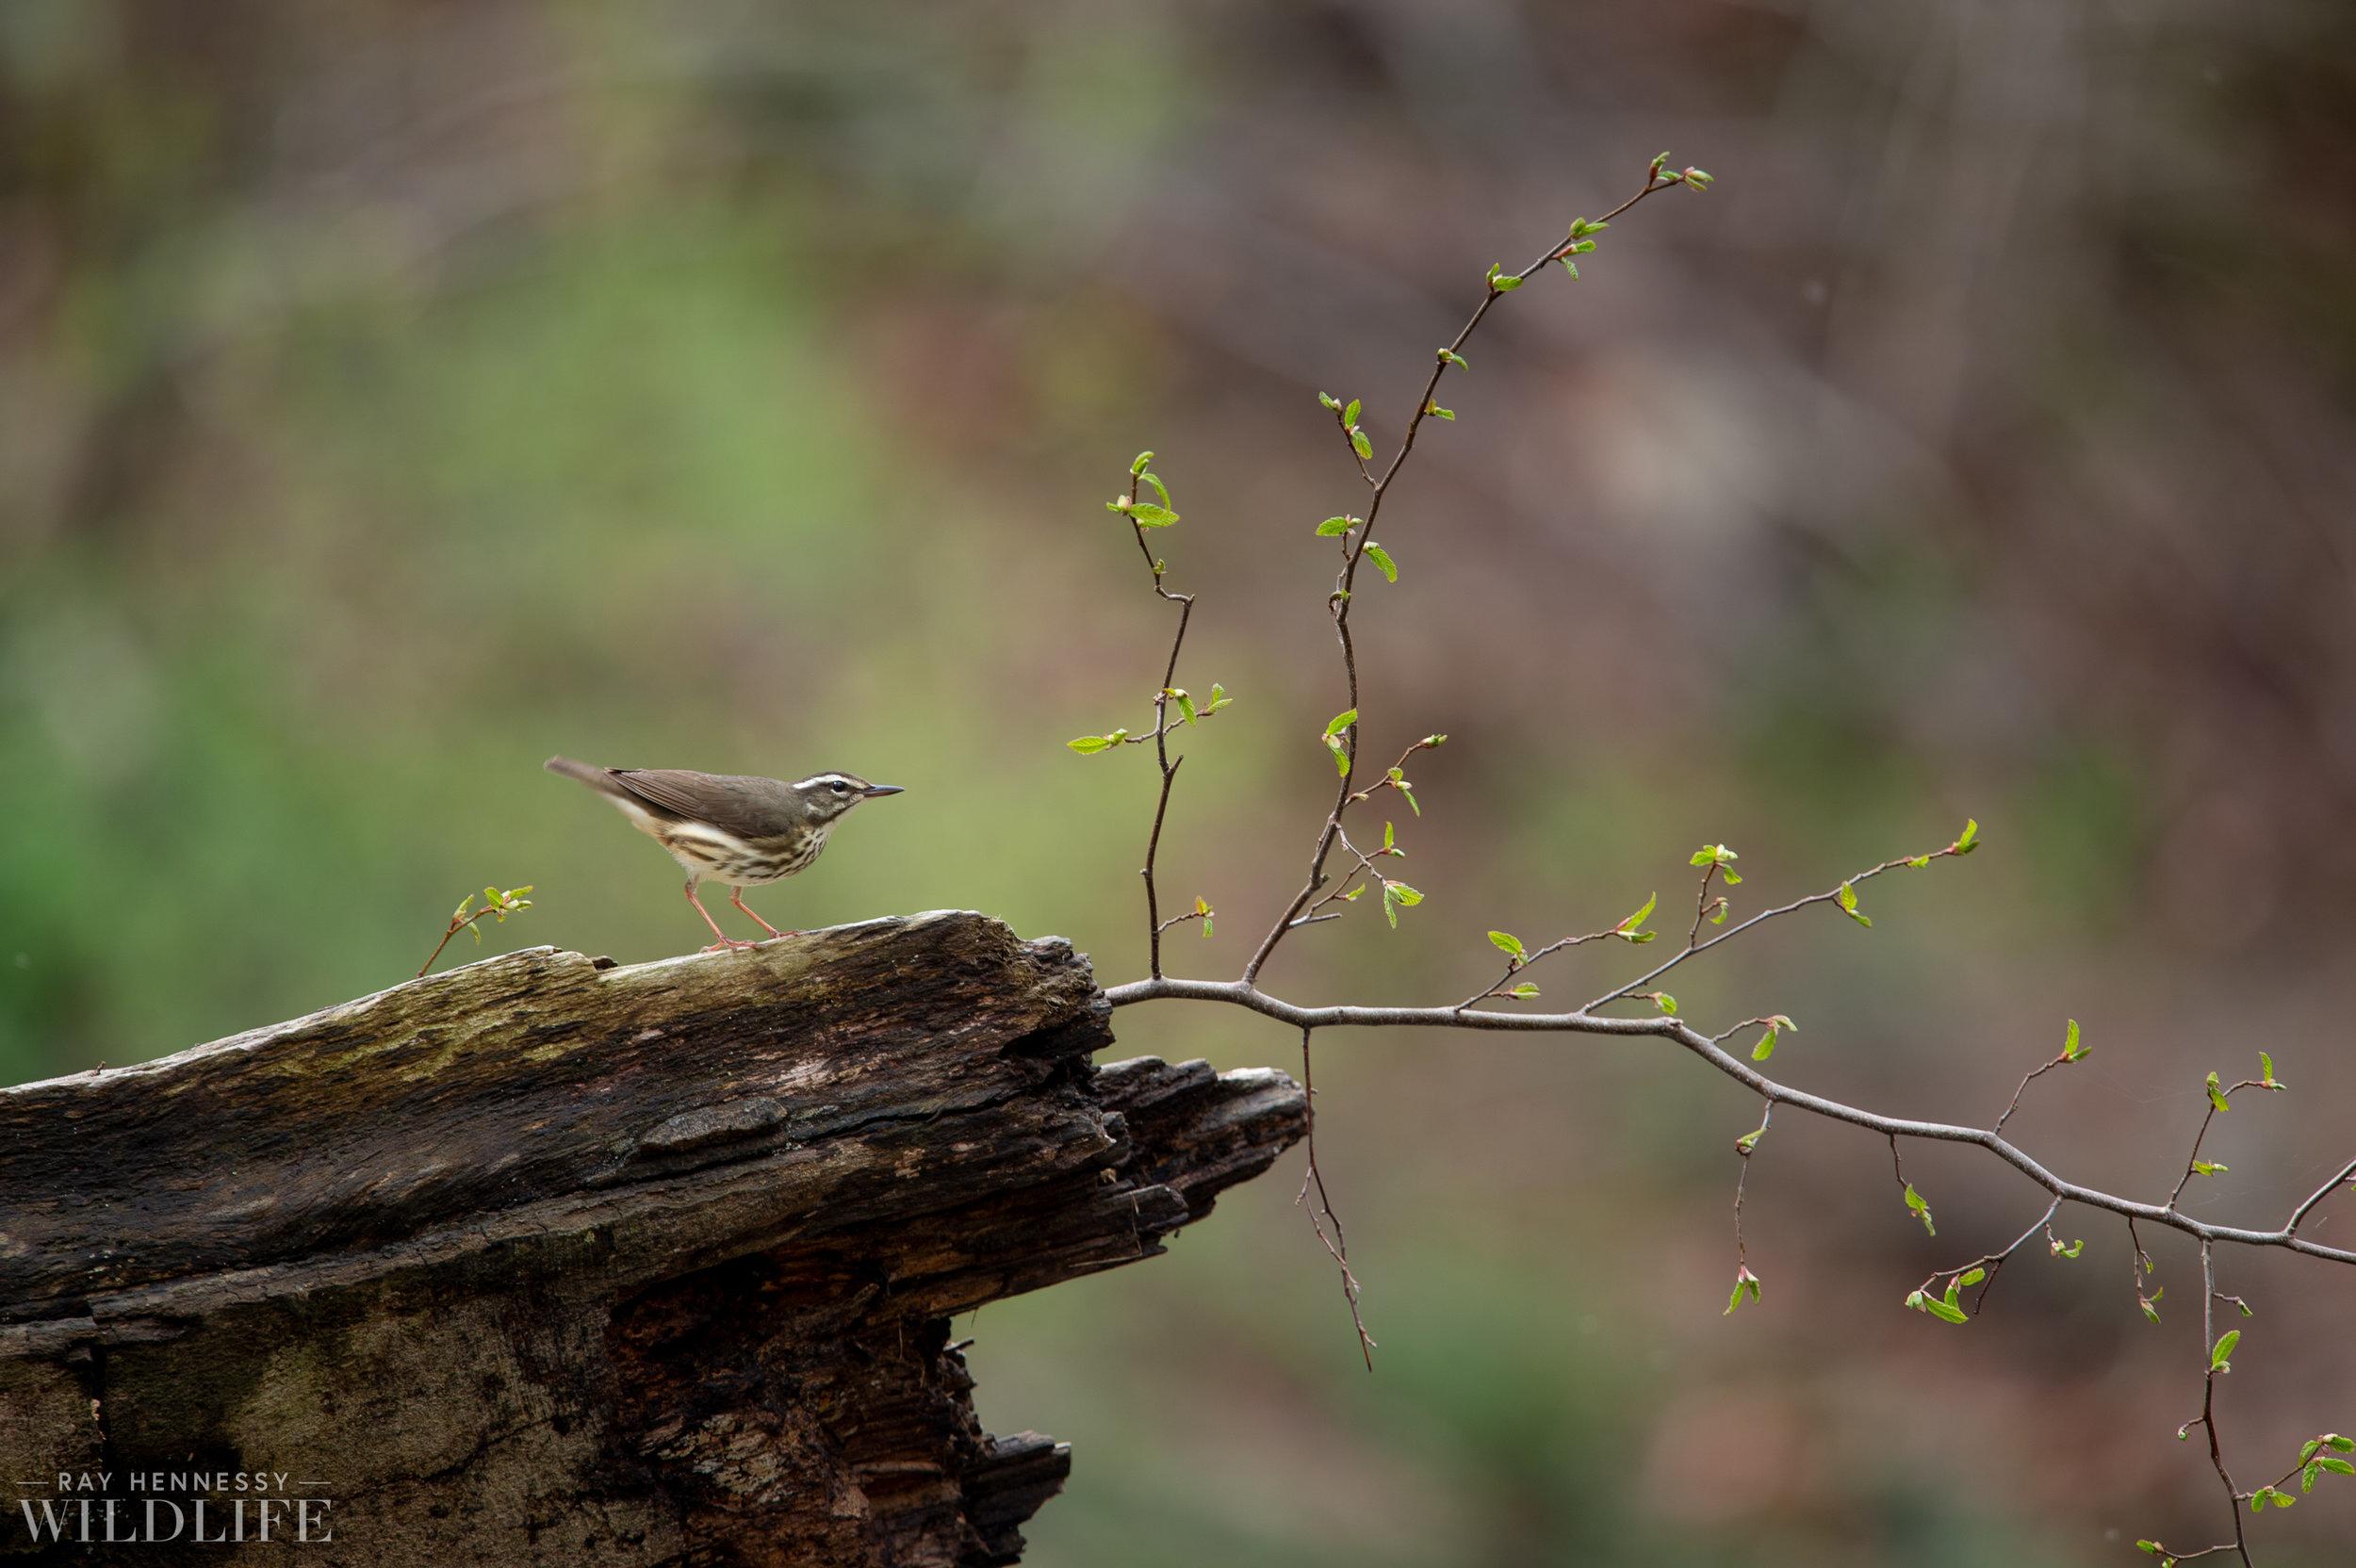 009_louisiana-waterthrush-pine-warbler.jpg